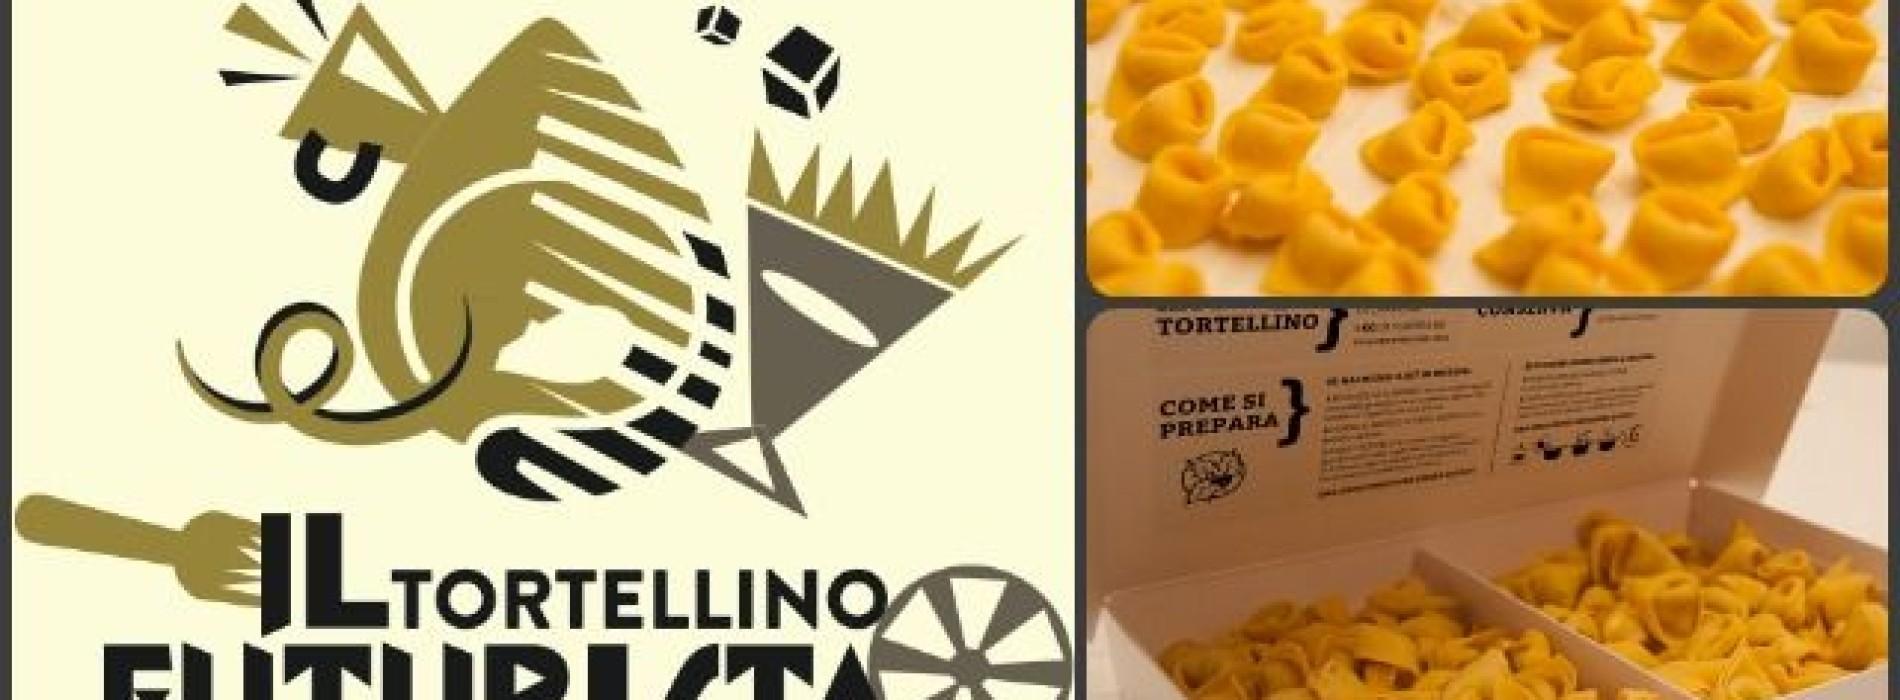 Fuori di Taste a Firenze, ecco il tortellino futurista